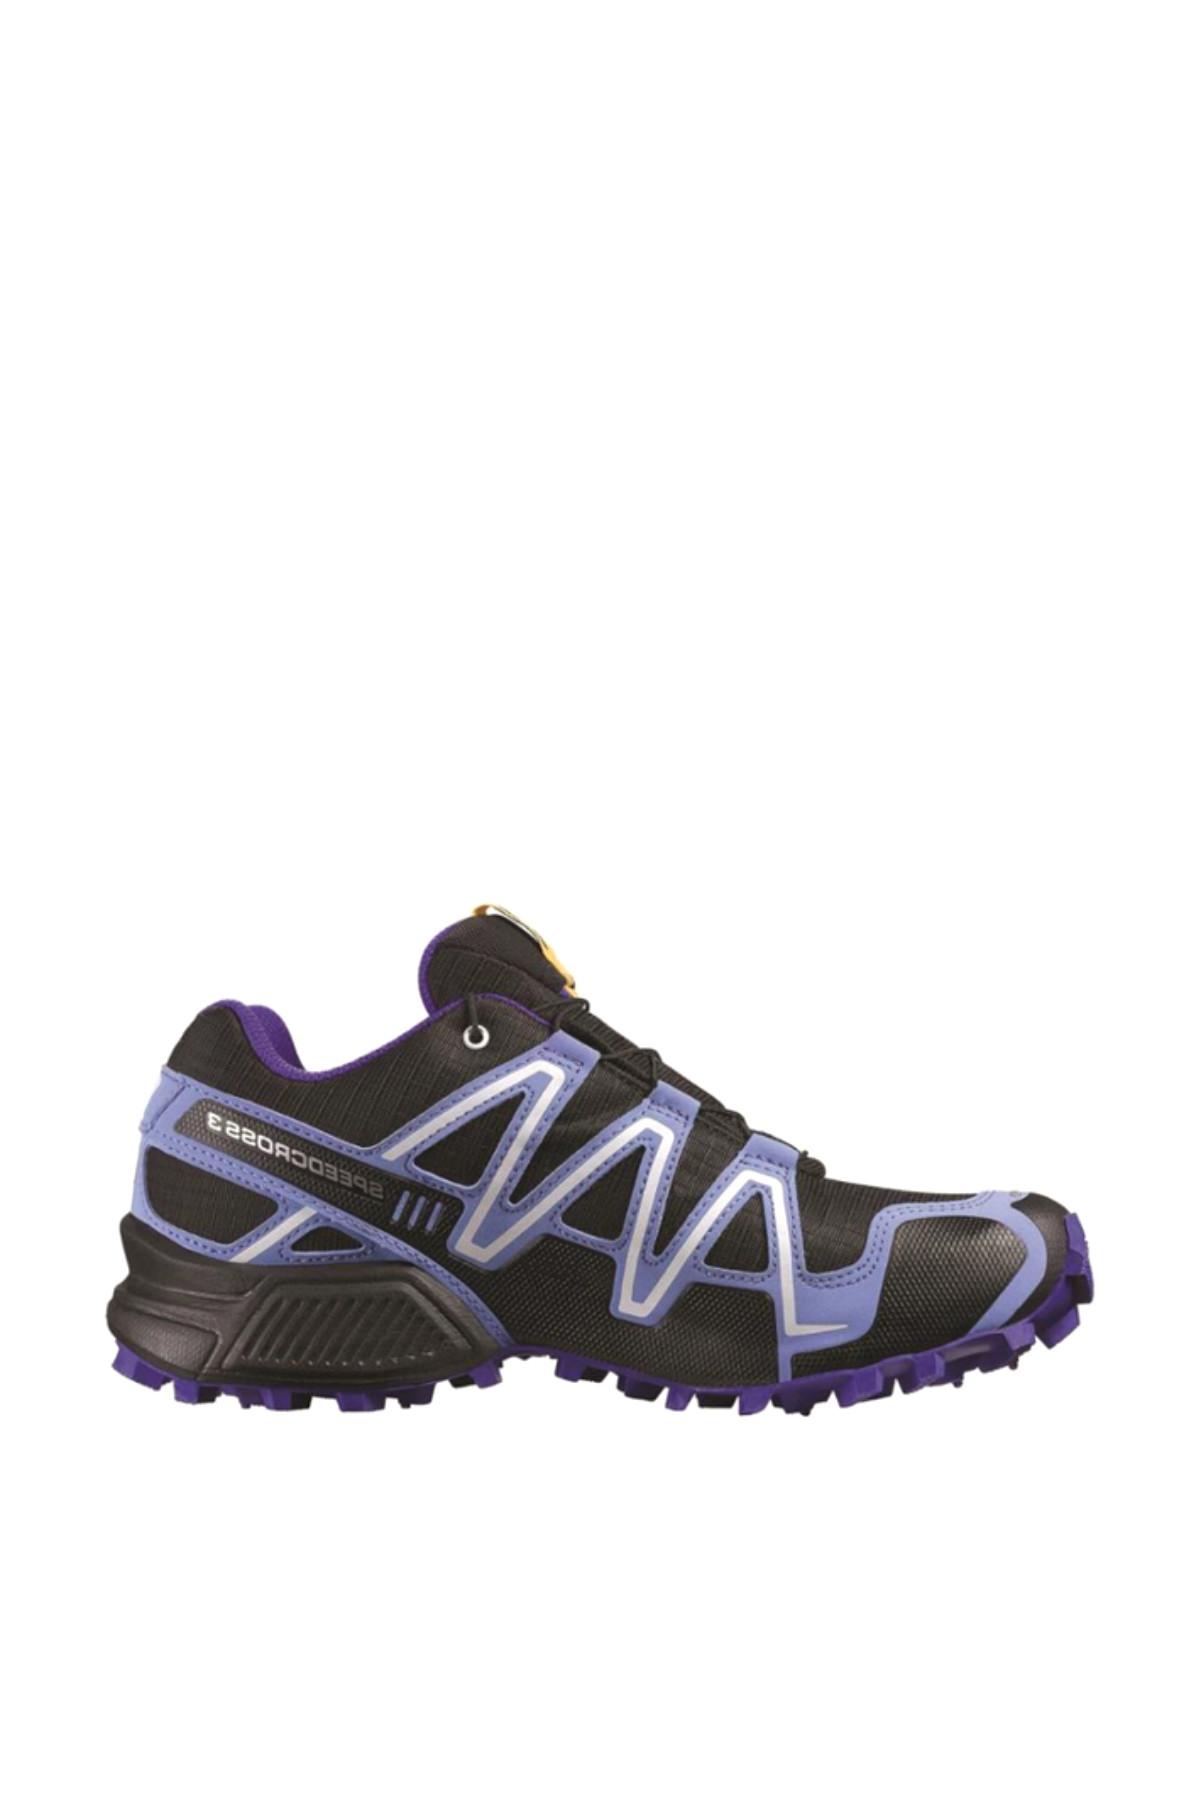 Salomon Kadın Outdoor Ayakkabı Sa Omonspeedcross3Gtxw - s-l36982500mlc 1